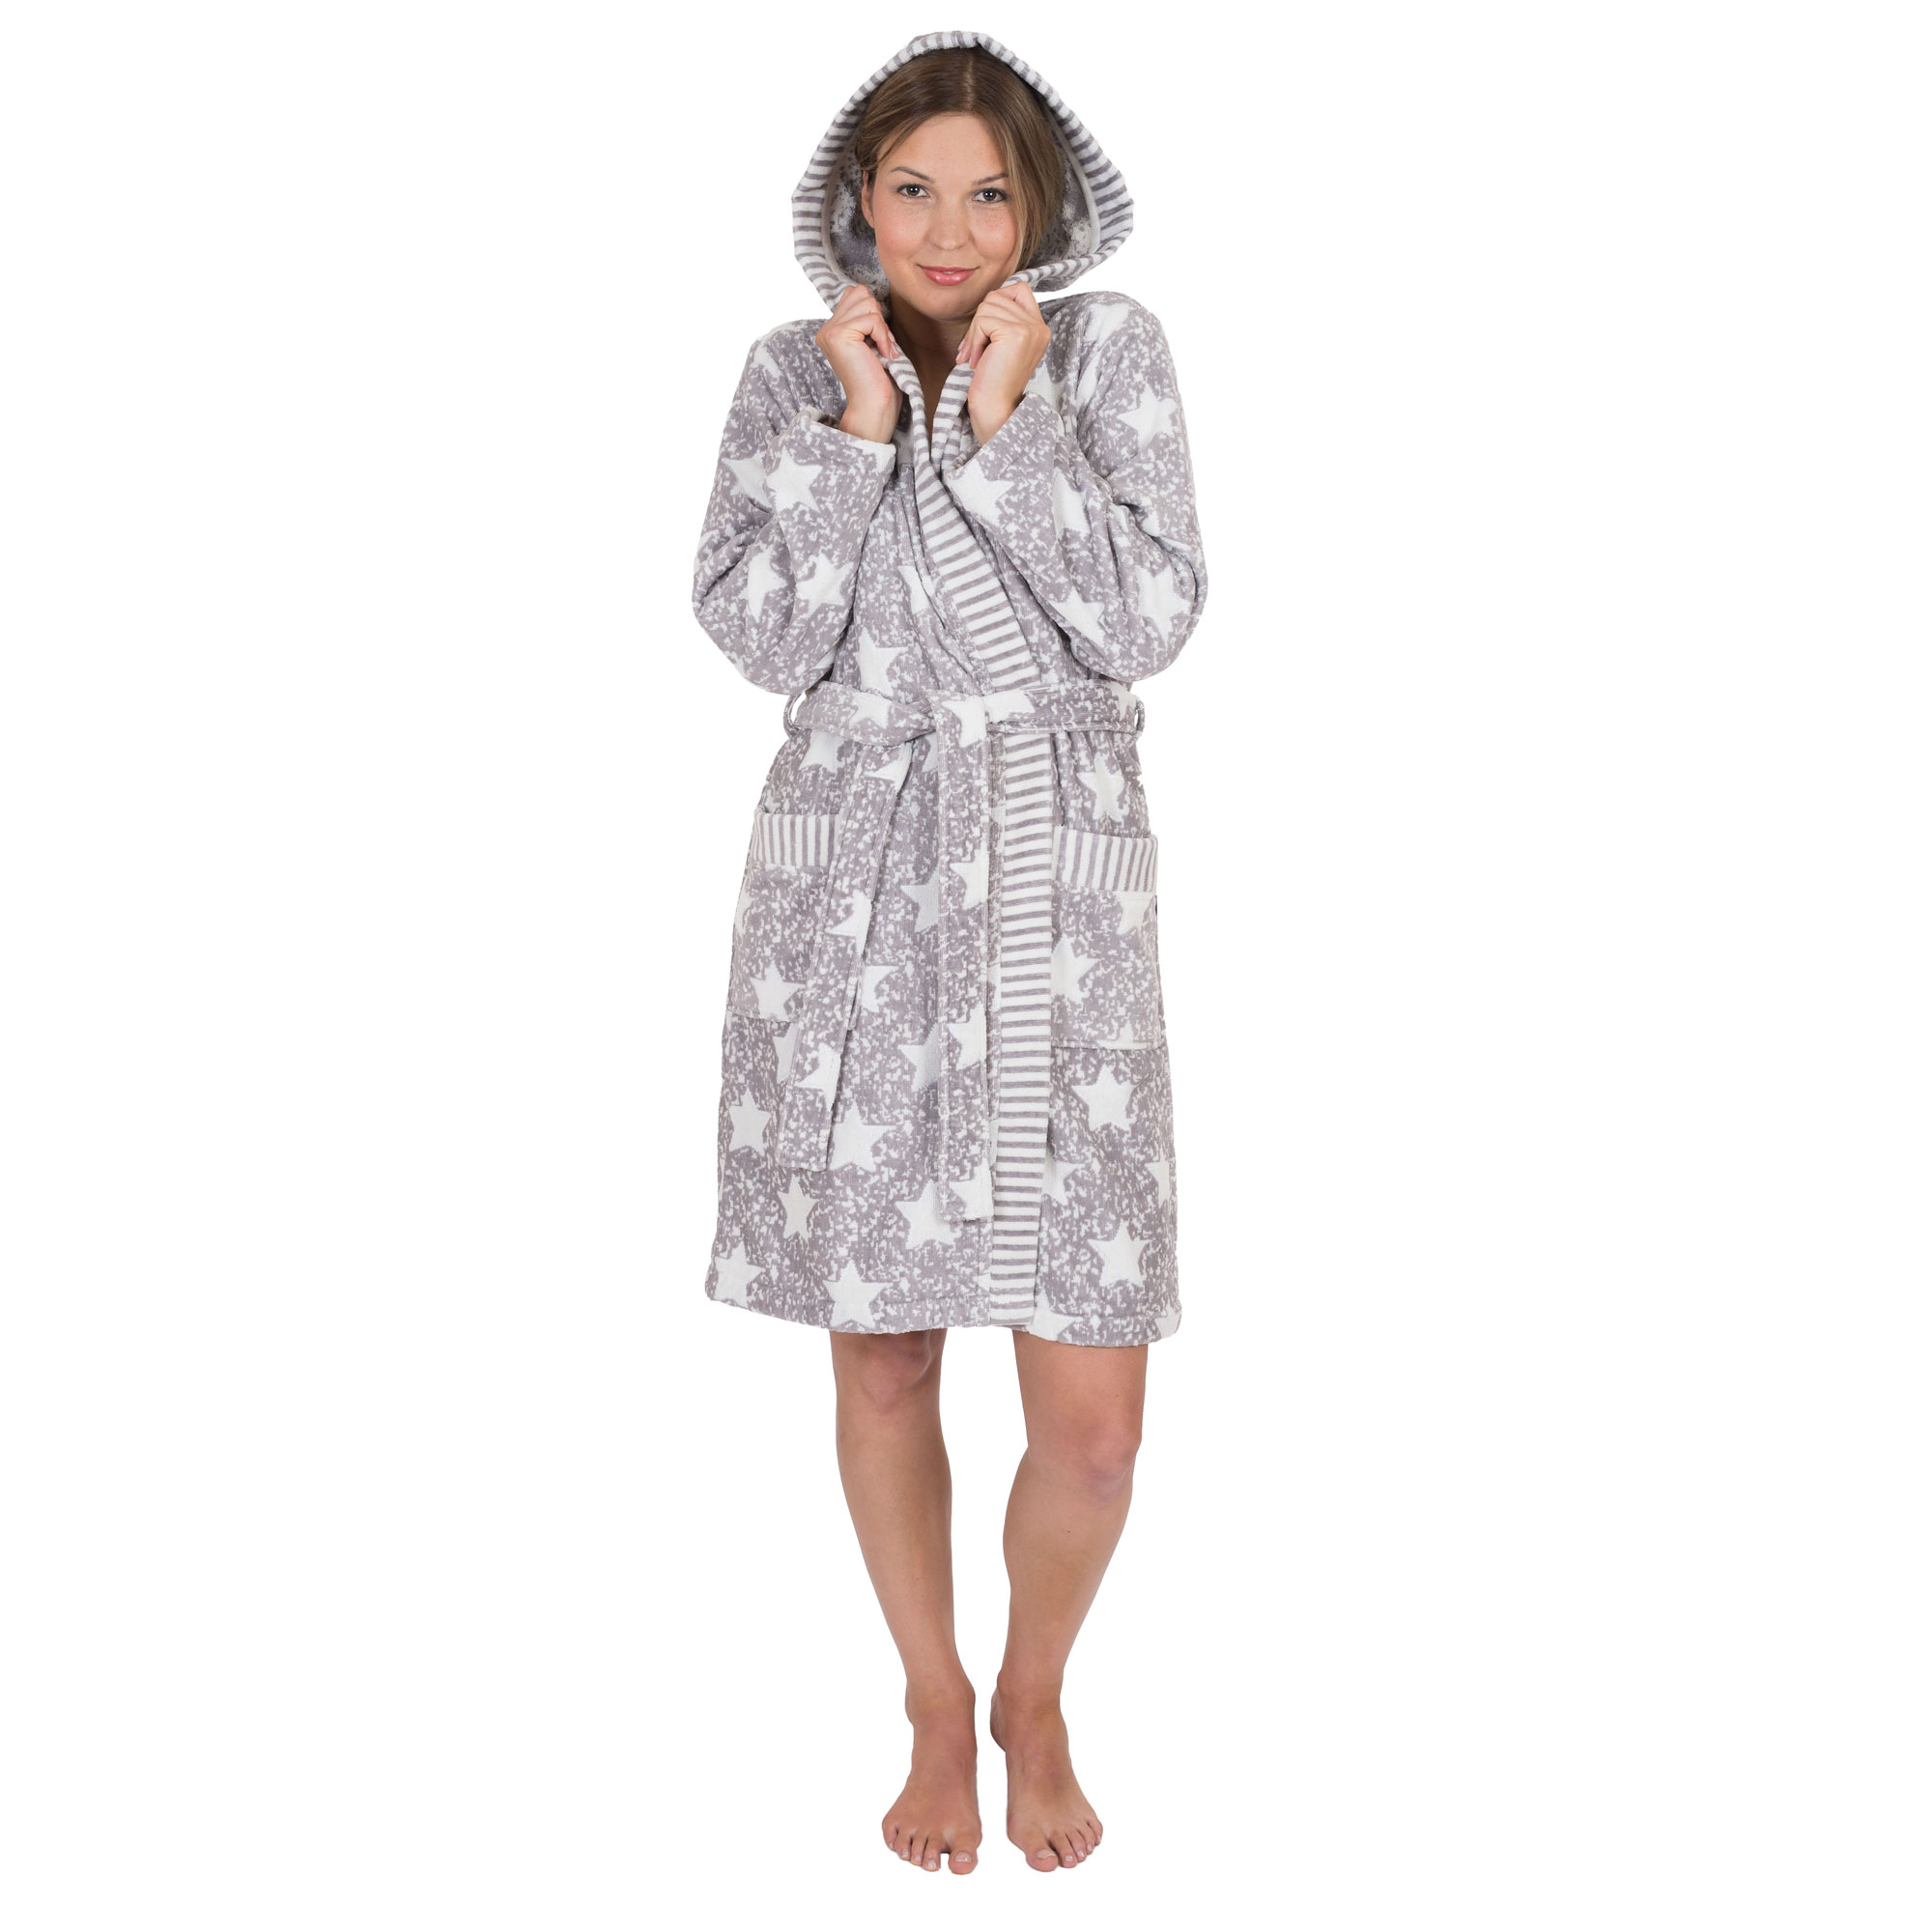 WeWo fashion Damen Bademantel 6228-grau/natur XL